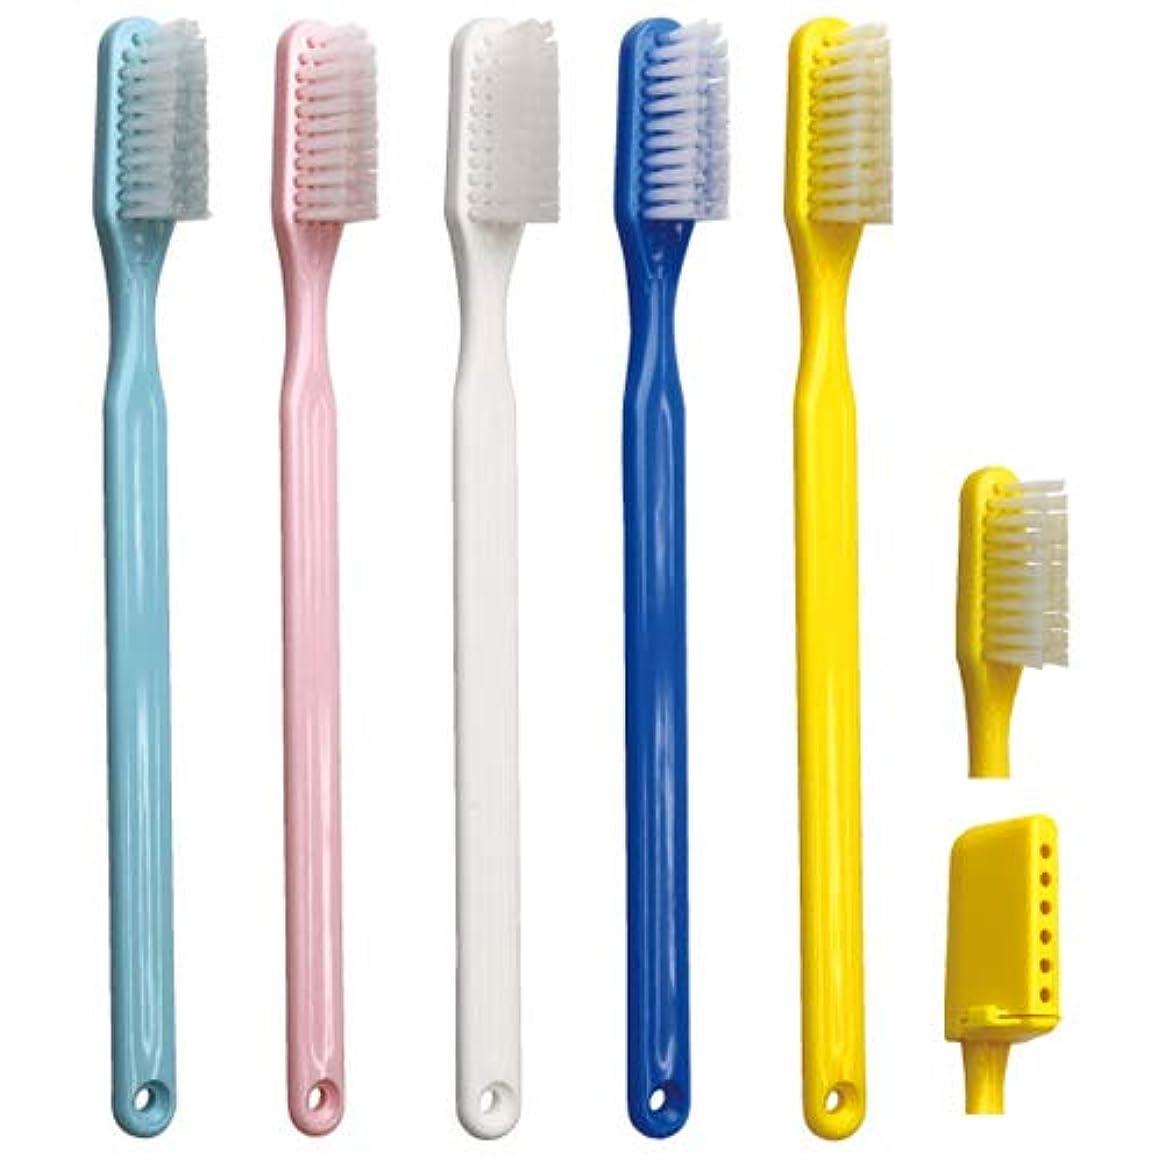 違反誇張インフルエンザ歯科医院専用商品 PHB 歯ブラシ アダルト5本セット( 歯ブラシキャップ付)ライトブルー?ピンク?ホワイト?ネオンブルー?イエロー